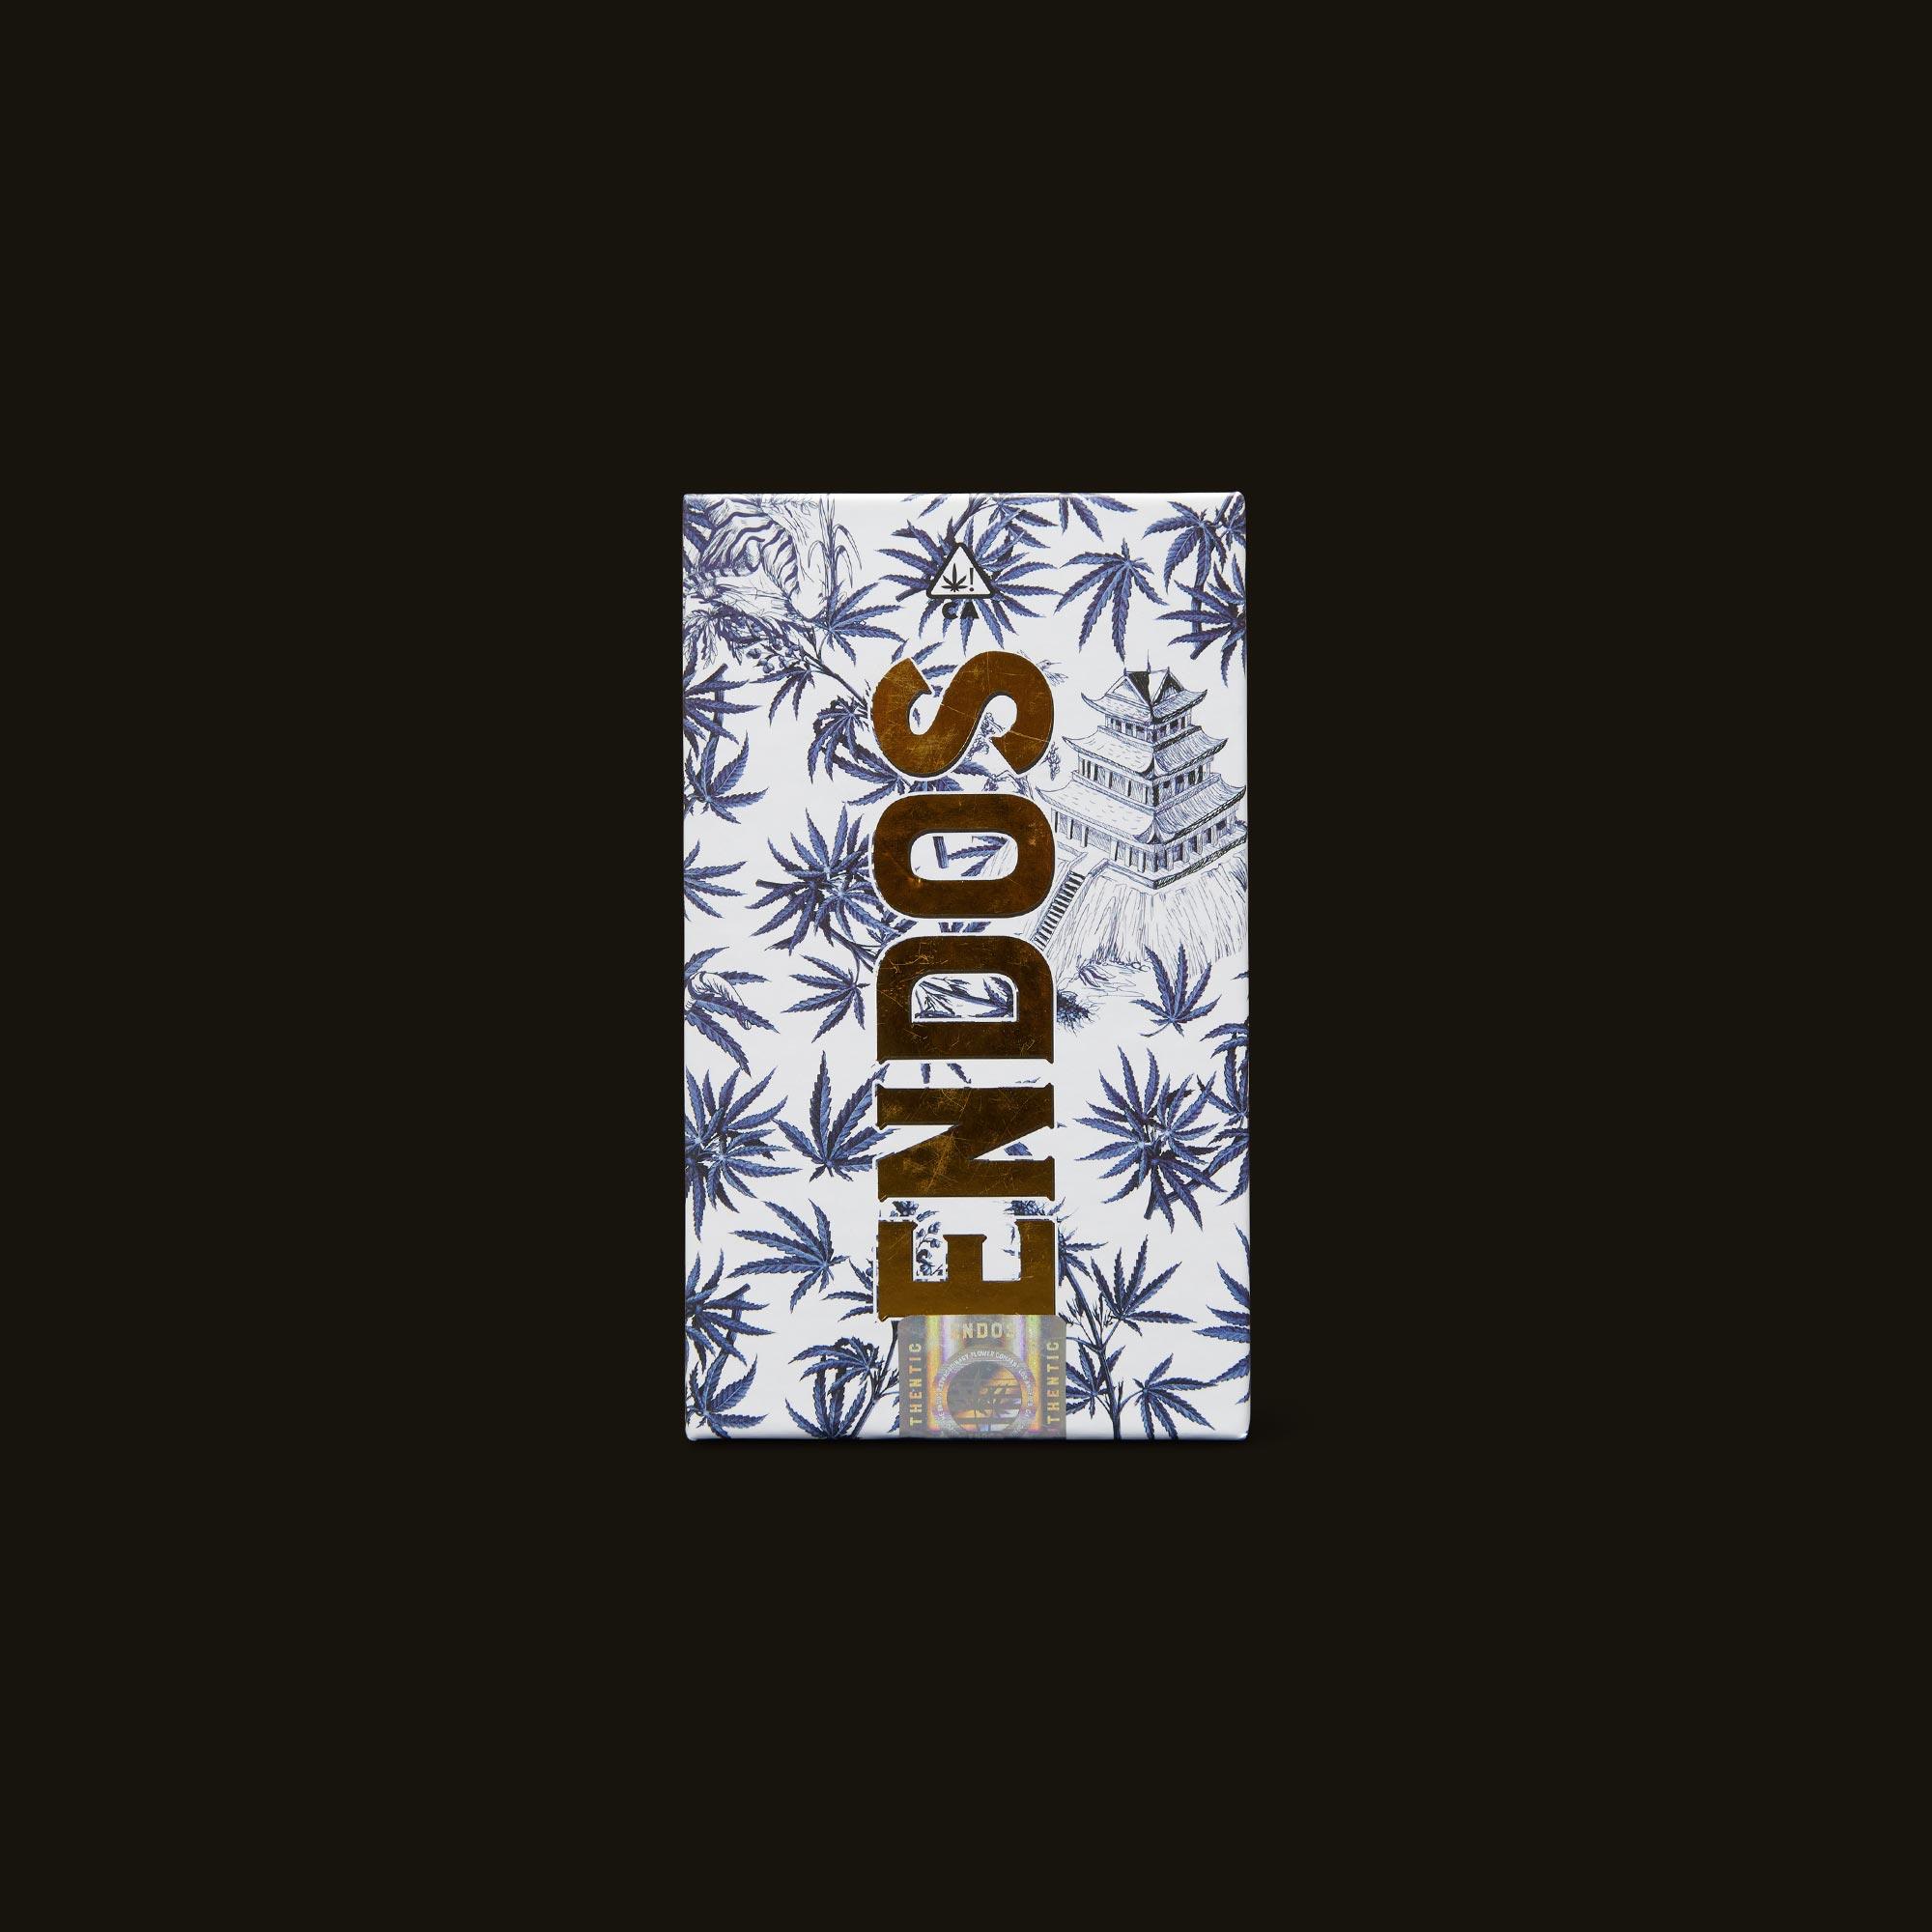 ENDOS Tahoe OG Pre-Roll 5-Pack Front Packaging